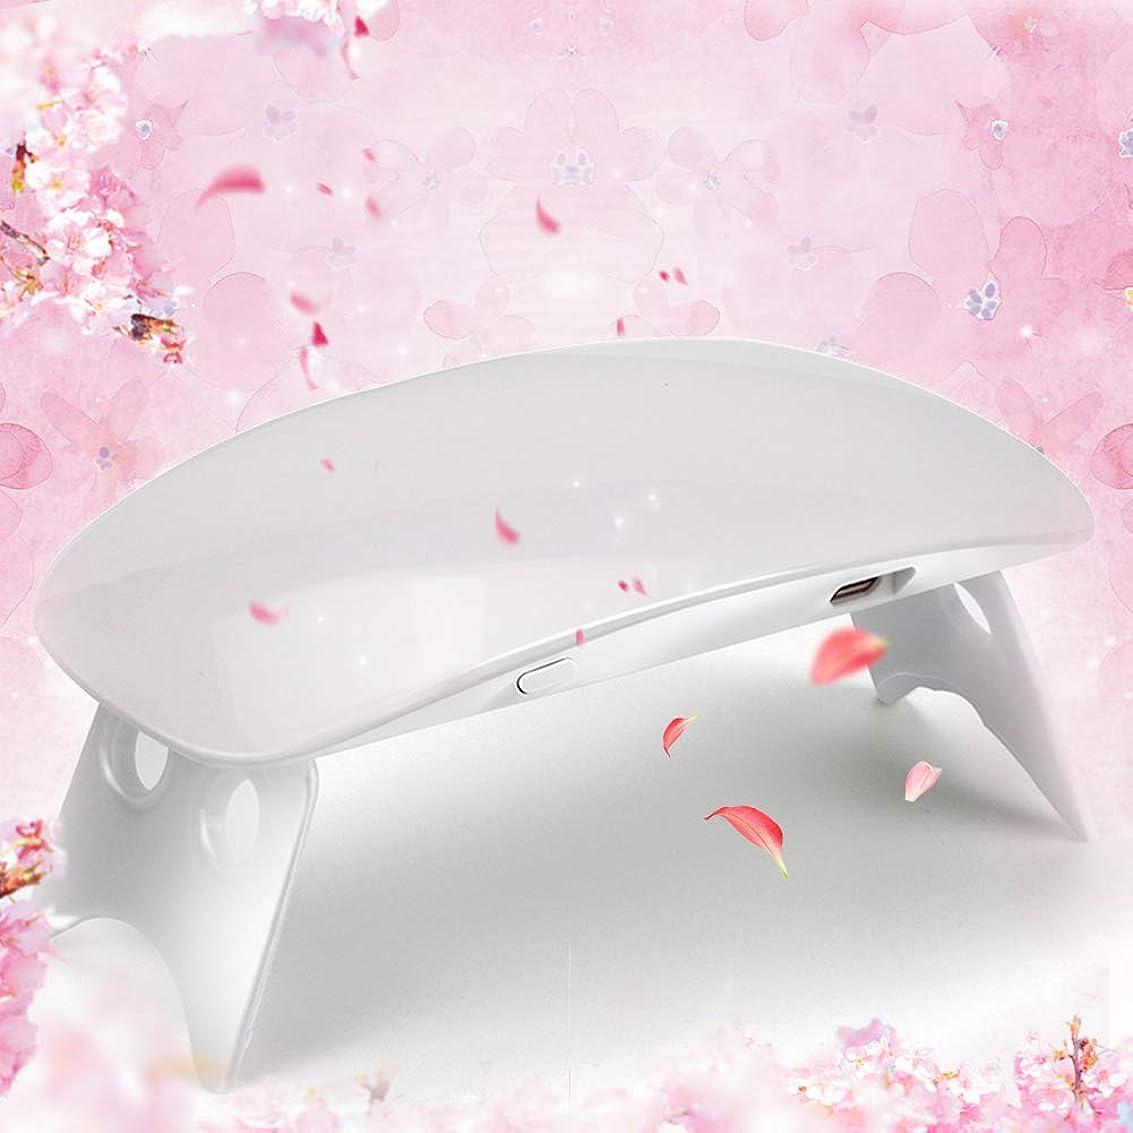 軽減インキュバスデクリメントTwinkle Store 6W ホワイト ネイルドライヤー ネイルデザイン ネイルライト 硬化用ライト ネイルアートツール